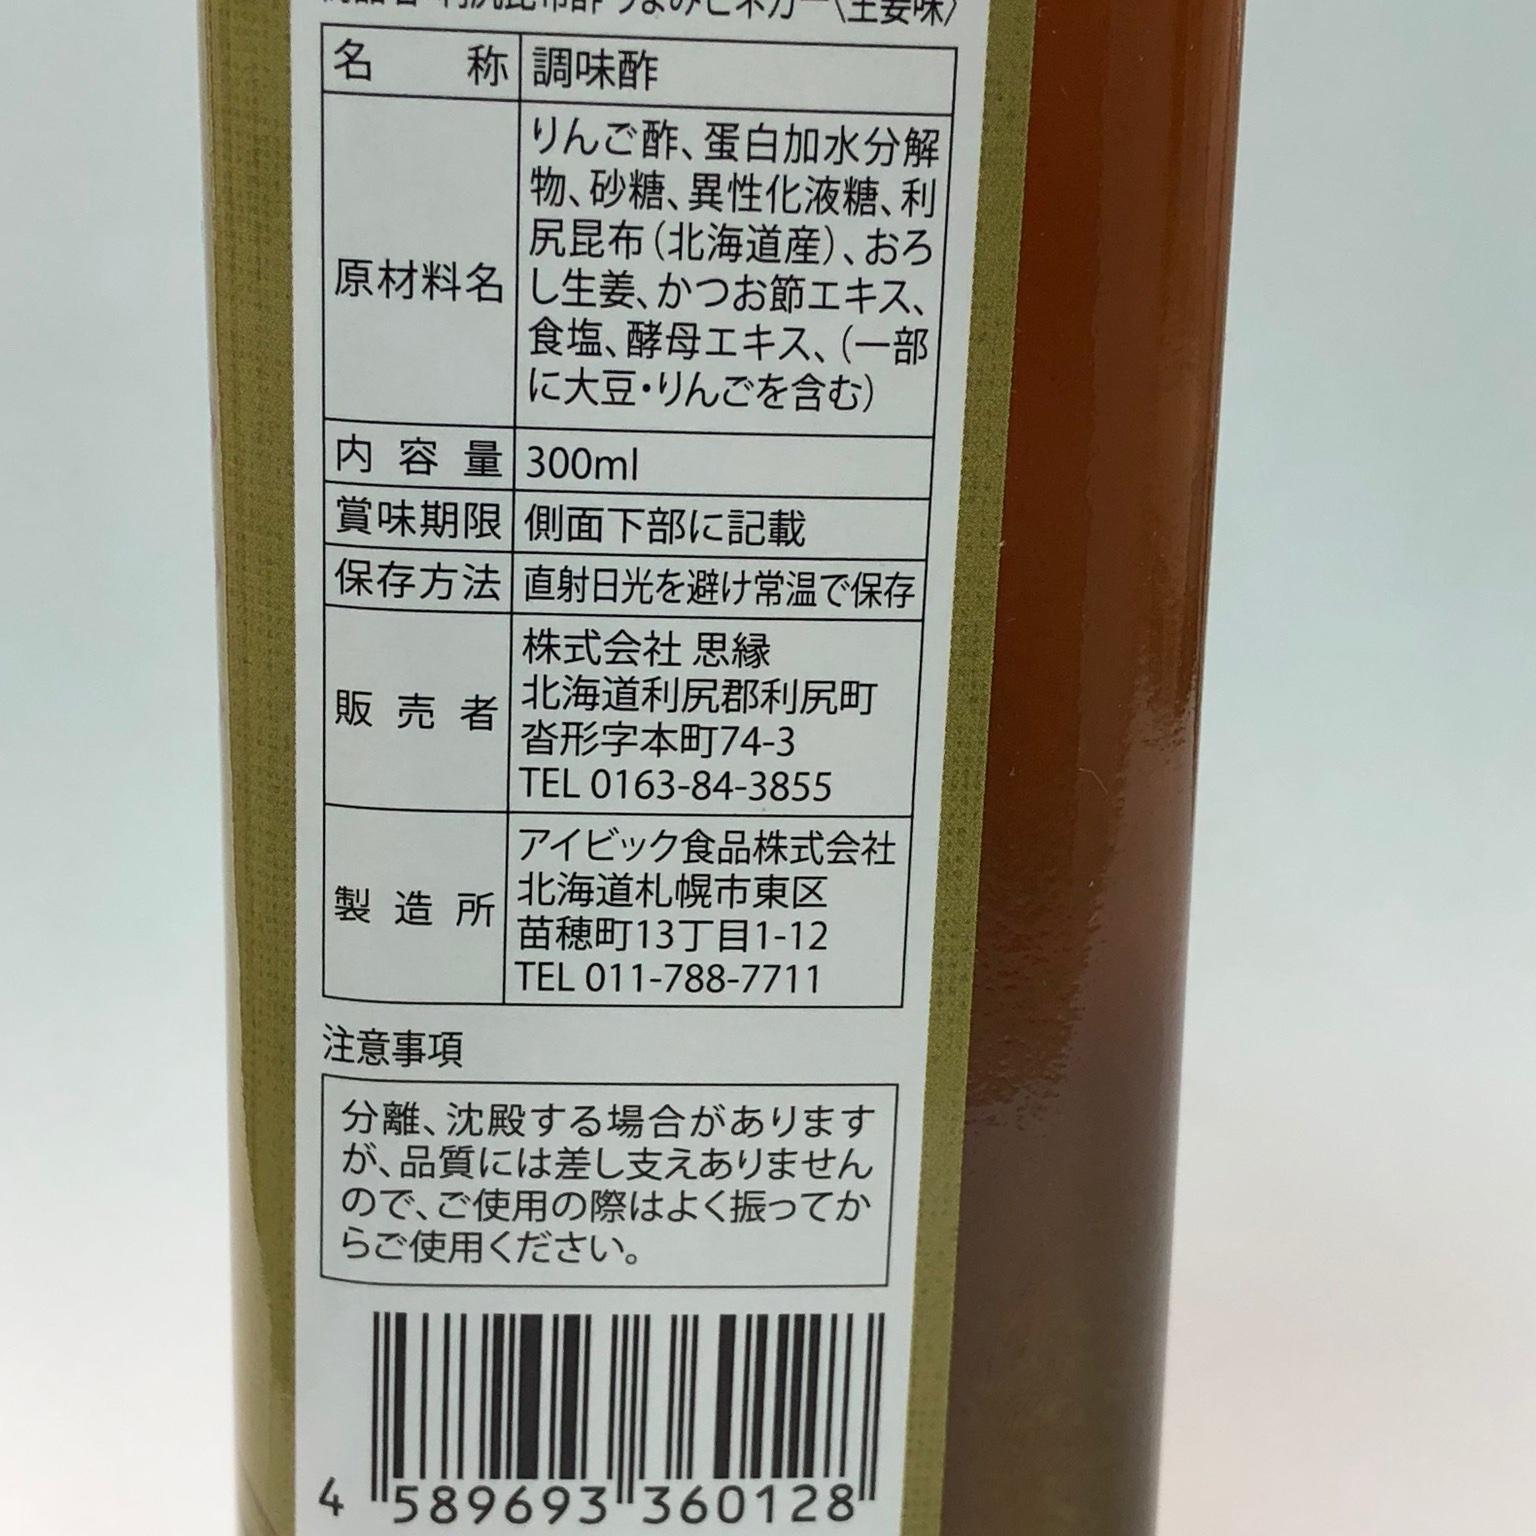 利尻昆布酢 うまみビネガー生姜味 300ml 調味料/酢通販